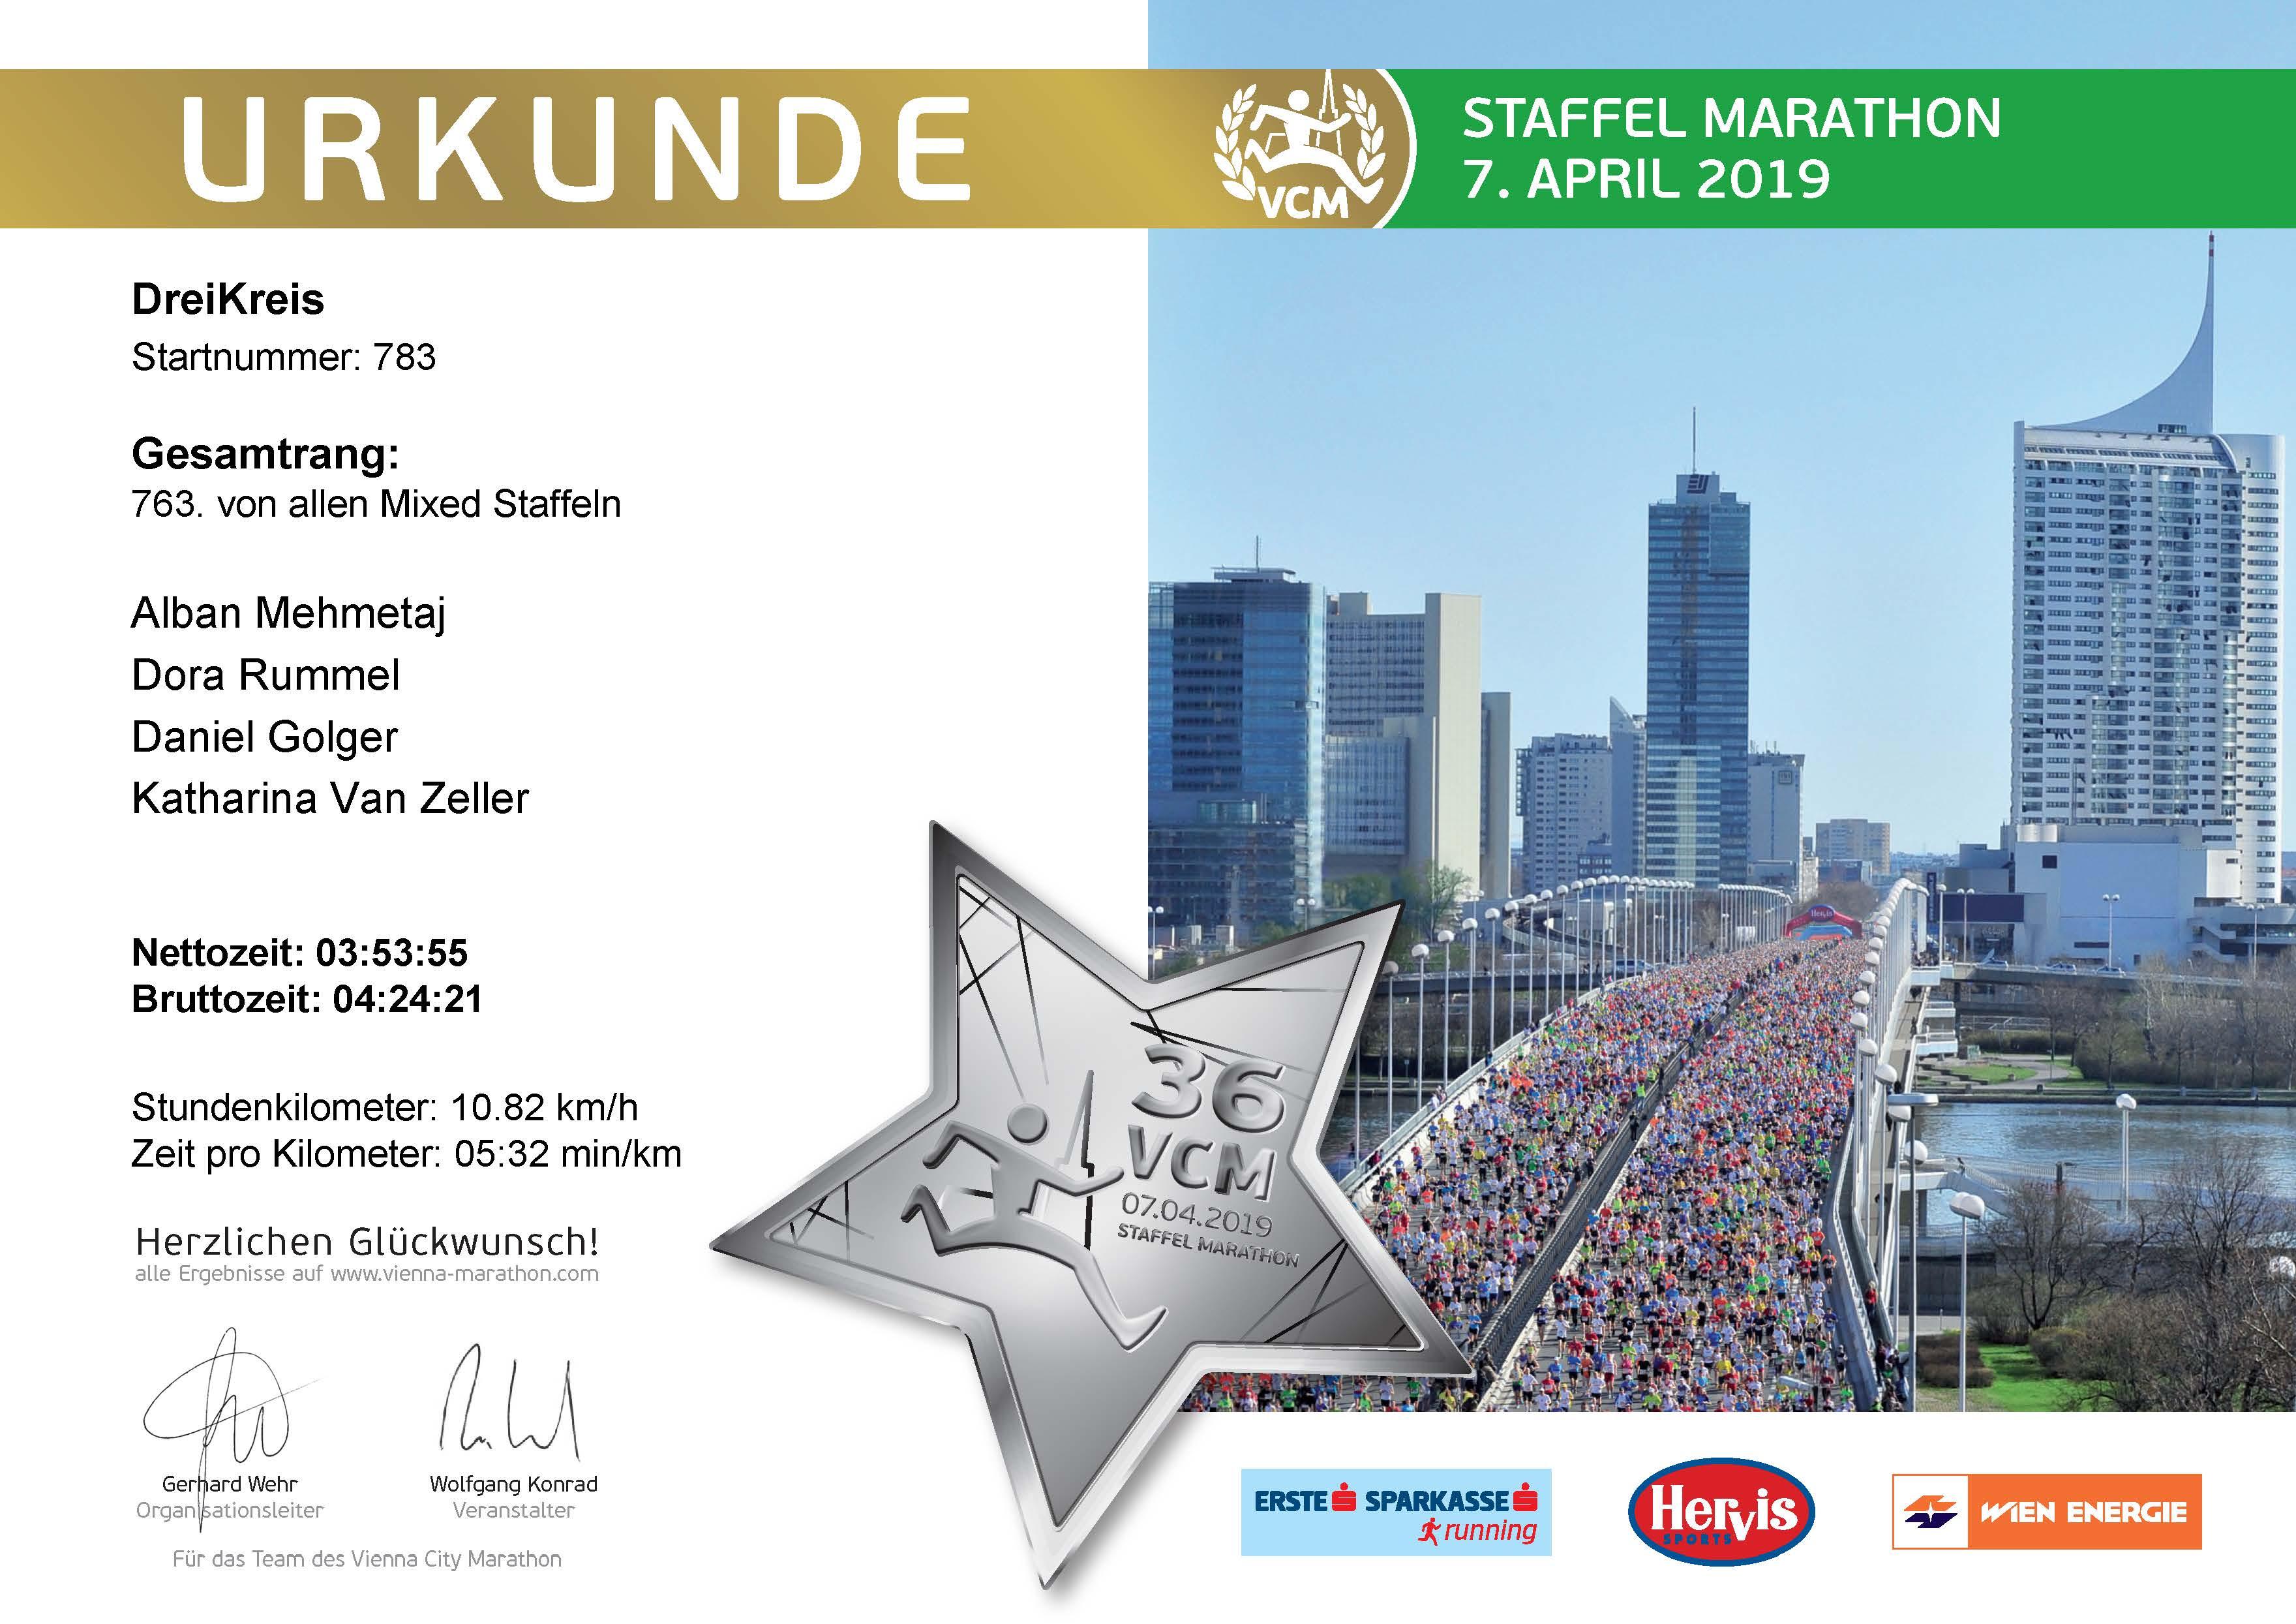 Urkunde für den Staffel Marathon 2019